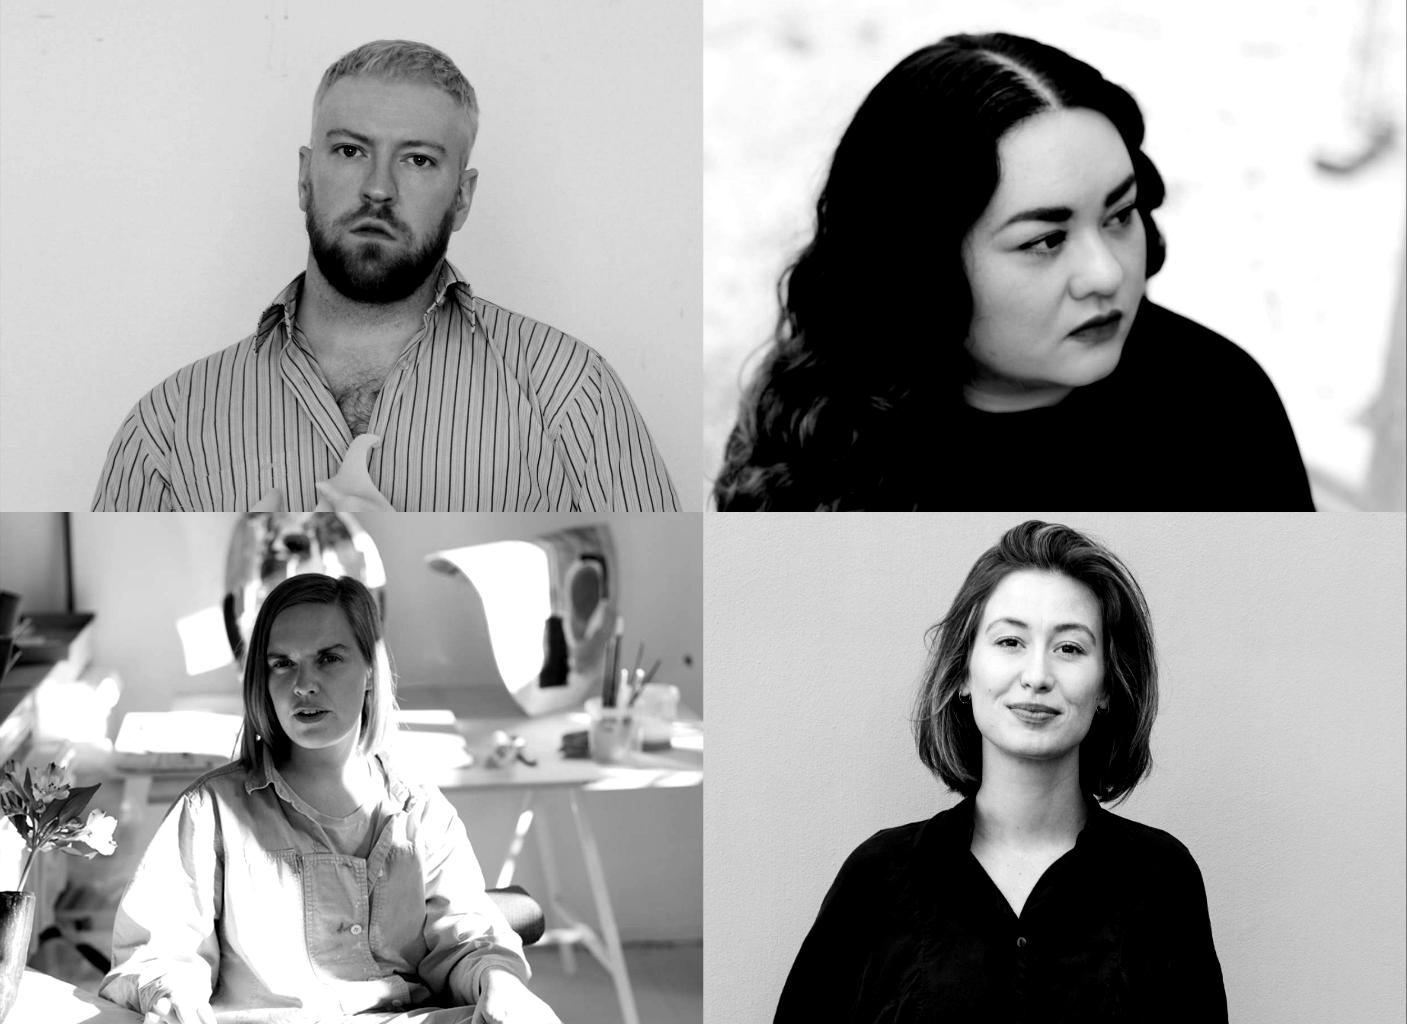 sparebanken sør kunstnerpris 2020. Nominerte kunstnere: Johanne Hestvold, Tim Høibjerg, Perla Pigao, Marthe Elise Stramrud. sørlandets kunstmuseum 15.10 - 22.11 2020.